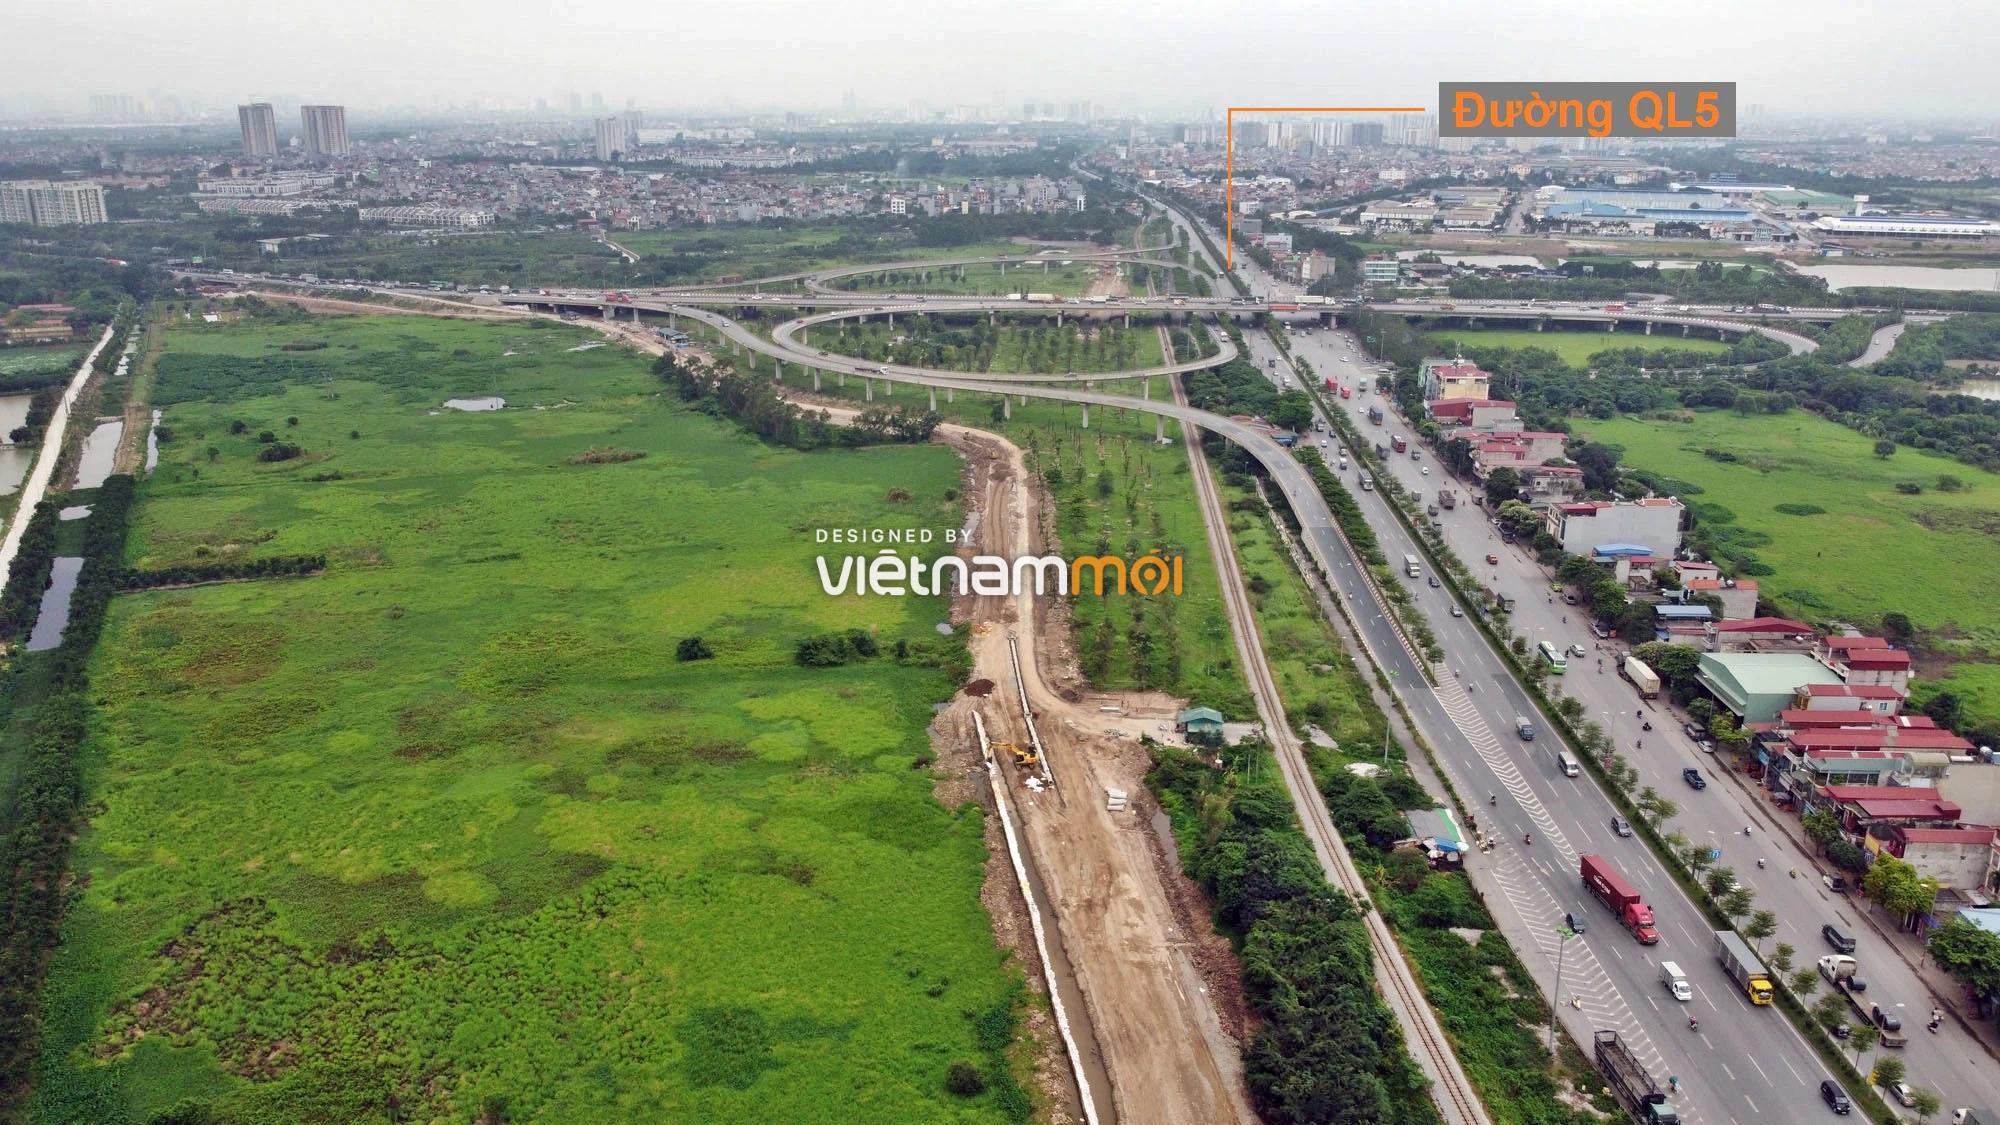 Toàn cảnh tuyến đường gom từ cầu Thanh Trì đến cầu vượt Phú Thị đang mở theo quy hoạch ở Hà Nội - Ảnh 4.